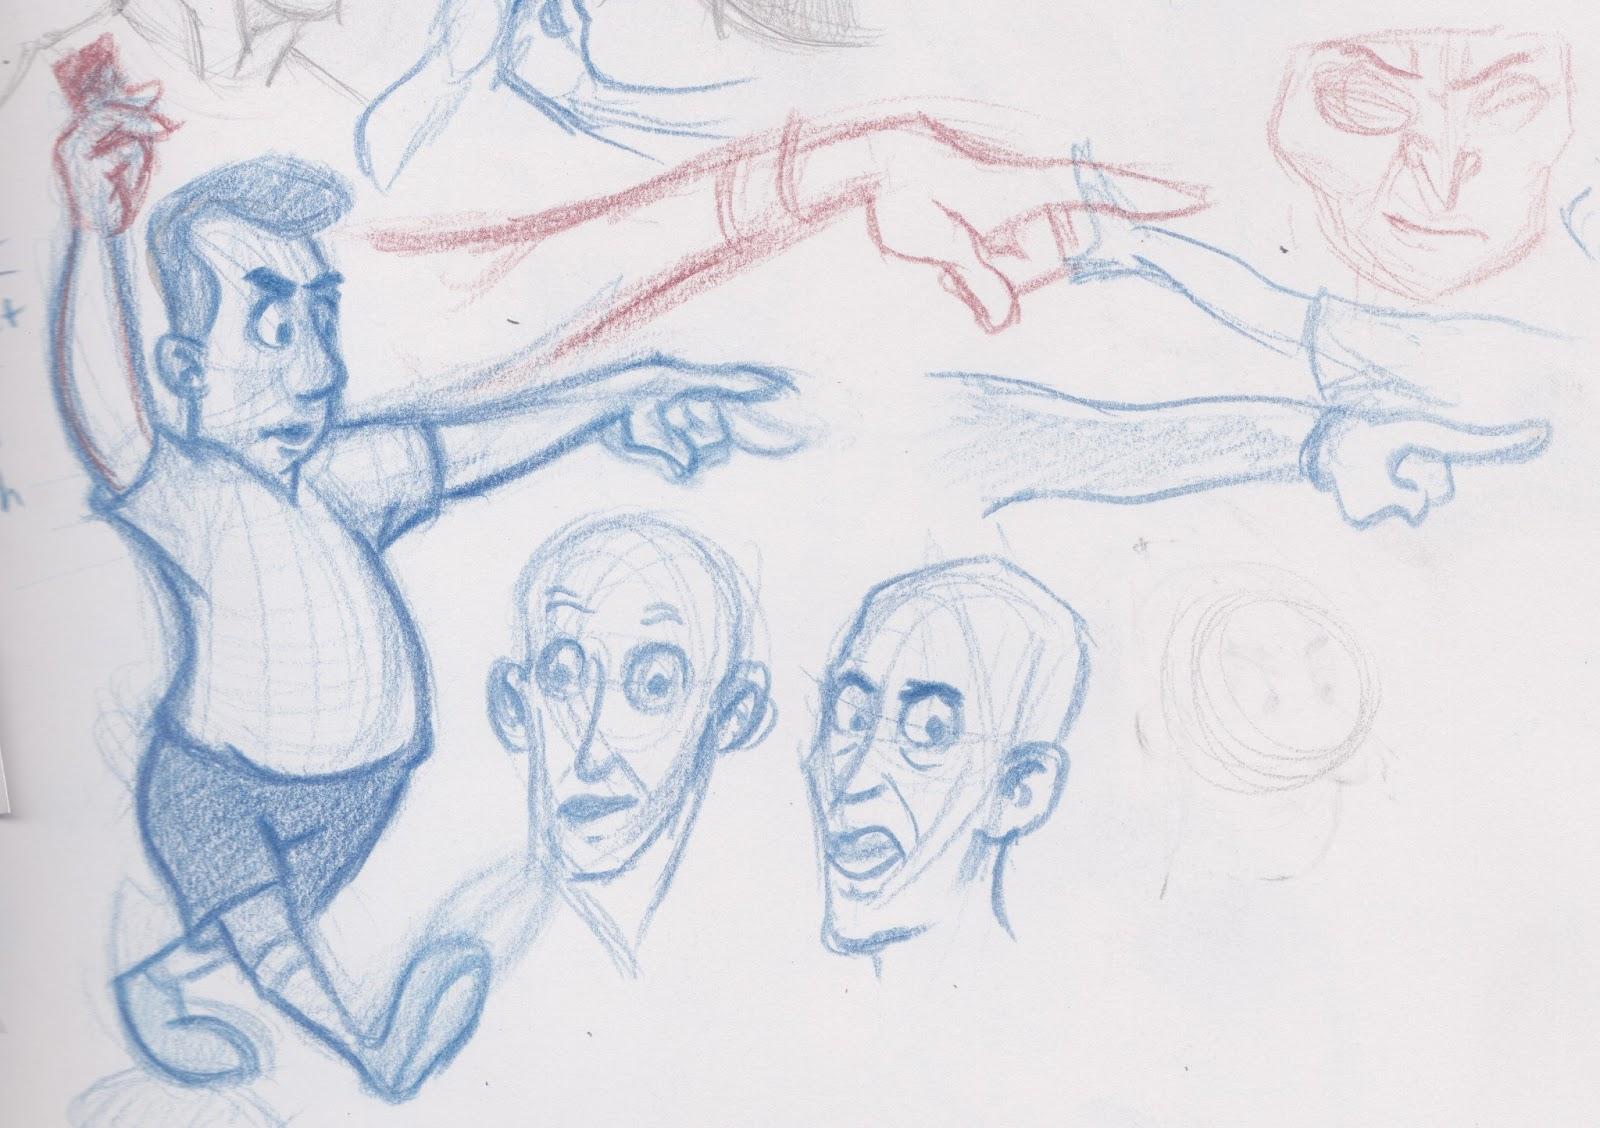 Sheridan College Character Design : Caleb eshetu s art character design sheridan animation